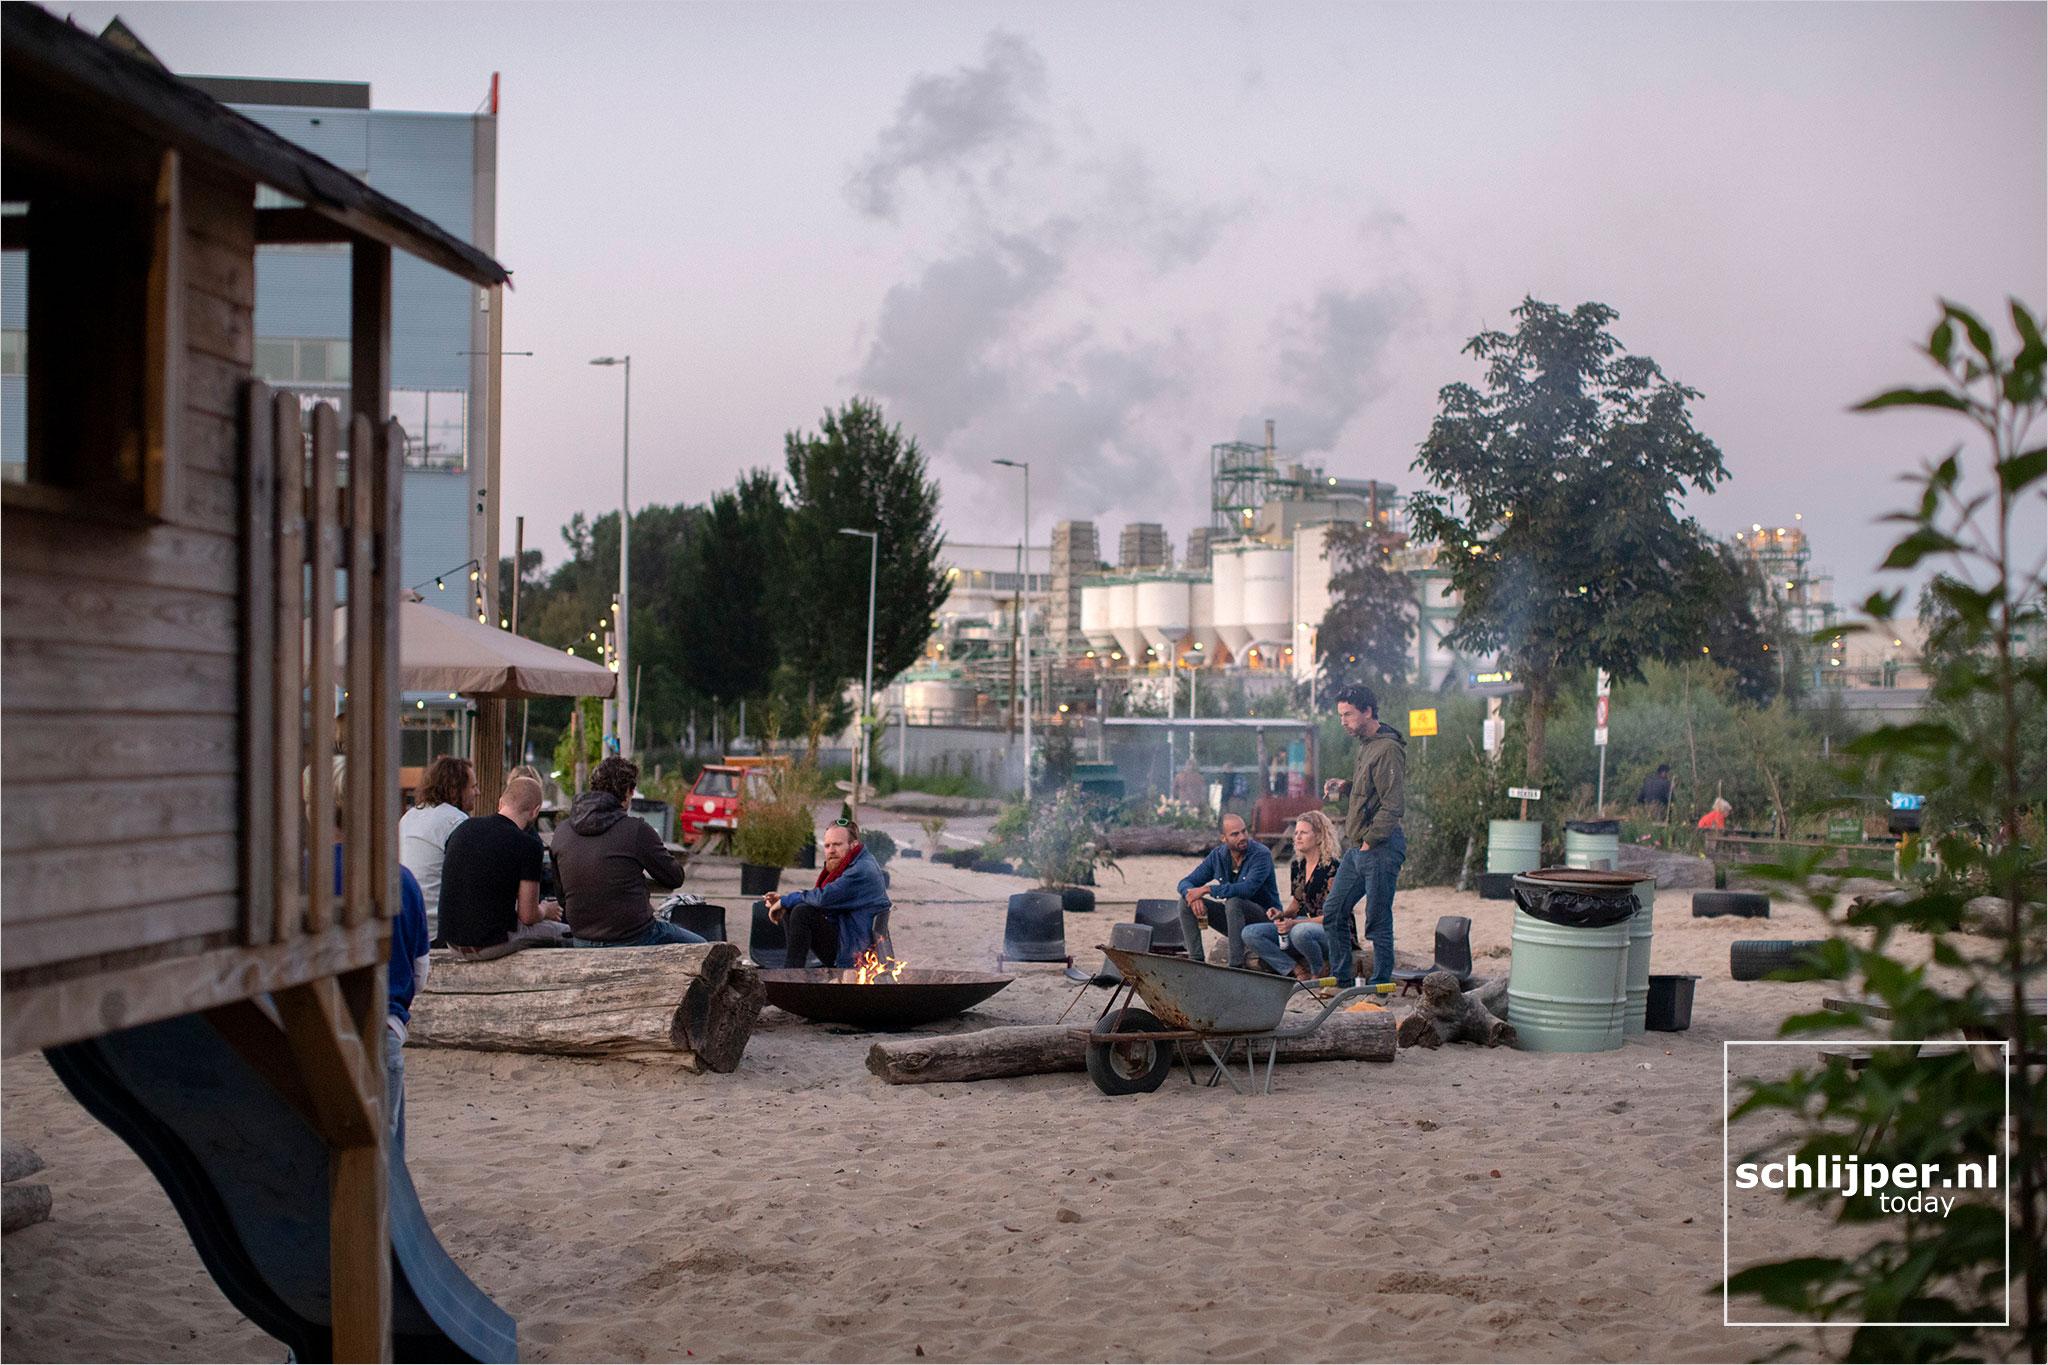 The Netherlands, Amsterdam, 2 september 2021